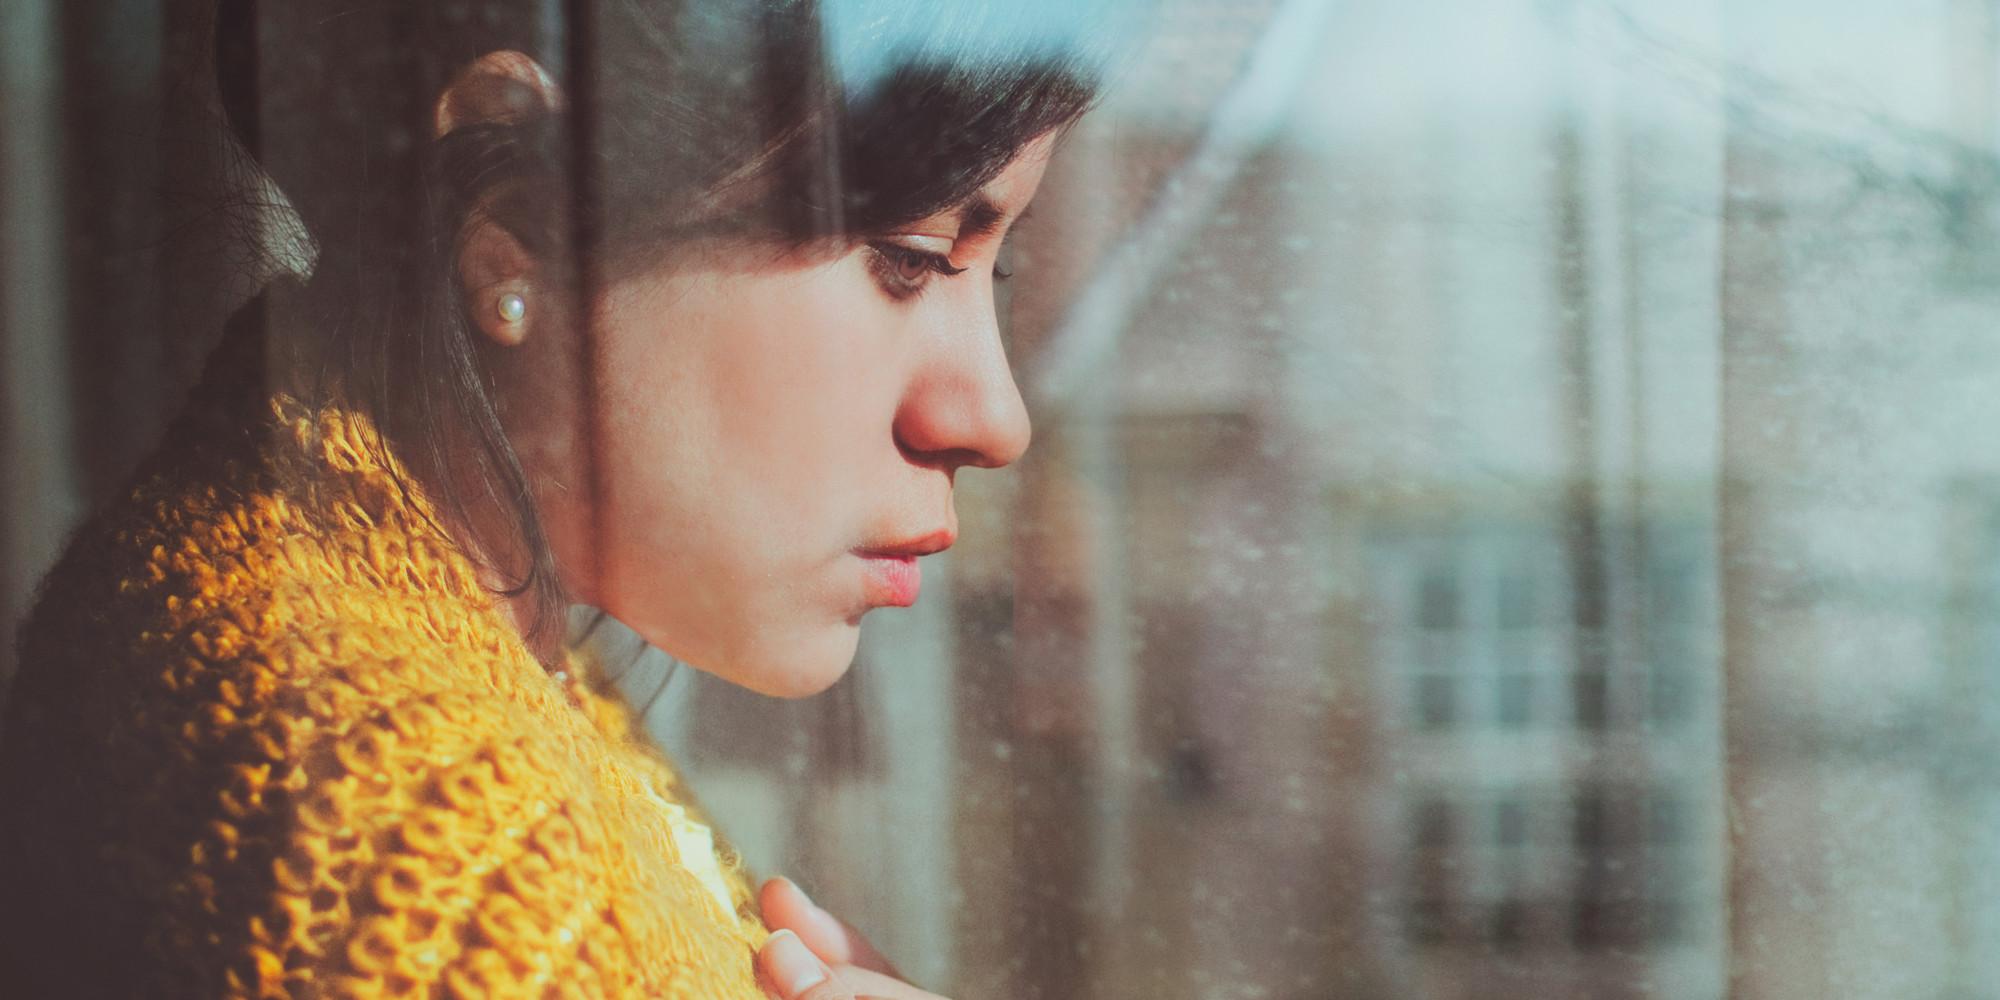 Smutna kobieta spogląda przez okno / Ilustracja do tekstu: Szpital psychiatryczny za myśl o aborcji? Nowa propozycja Ordo Iuris